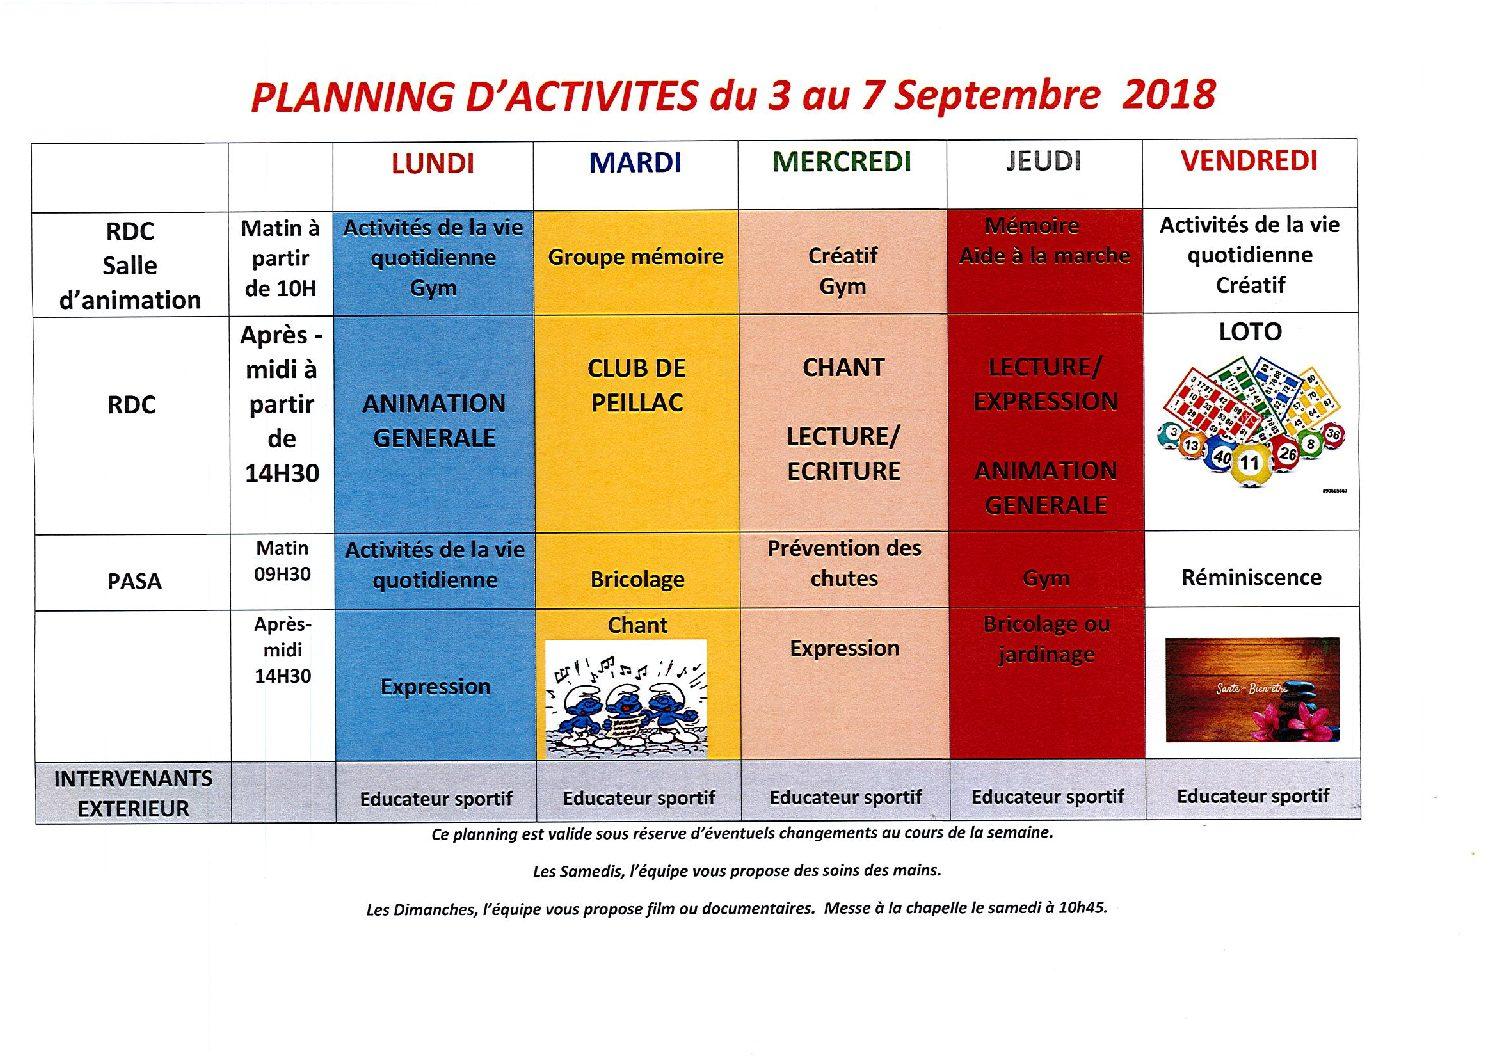 Programme des activités 3 au 7 sept. 2018